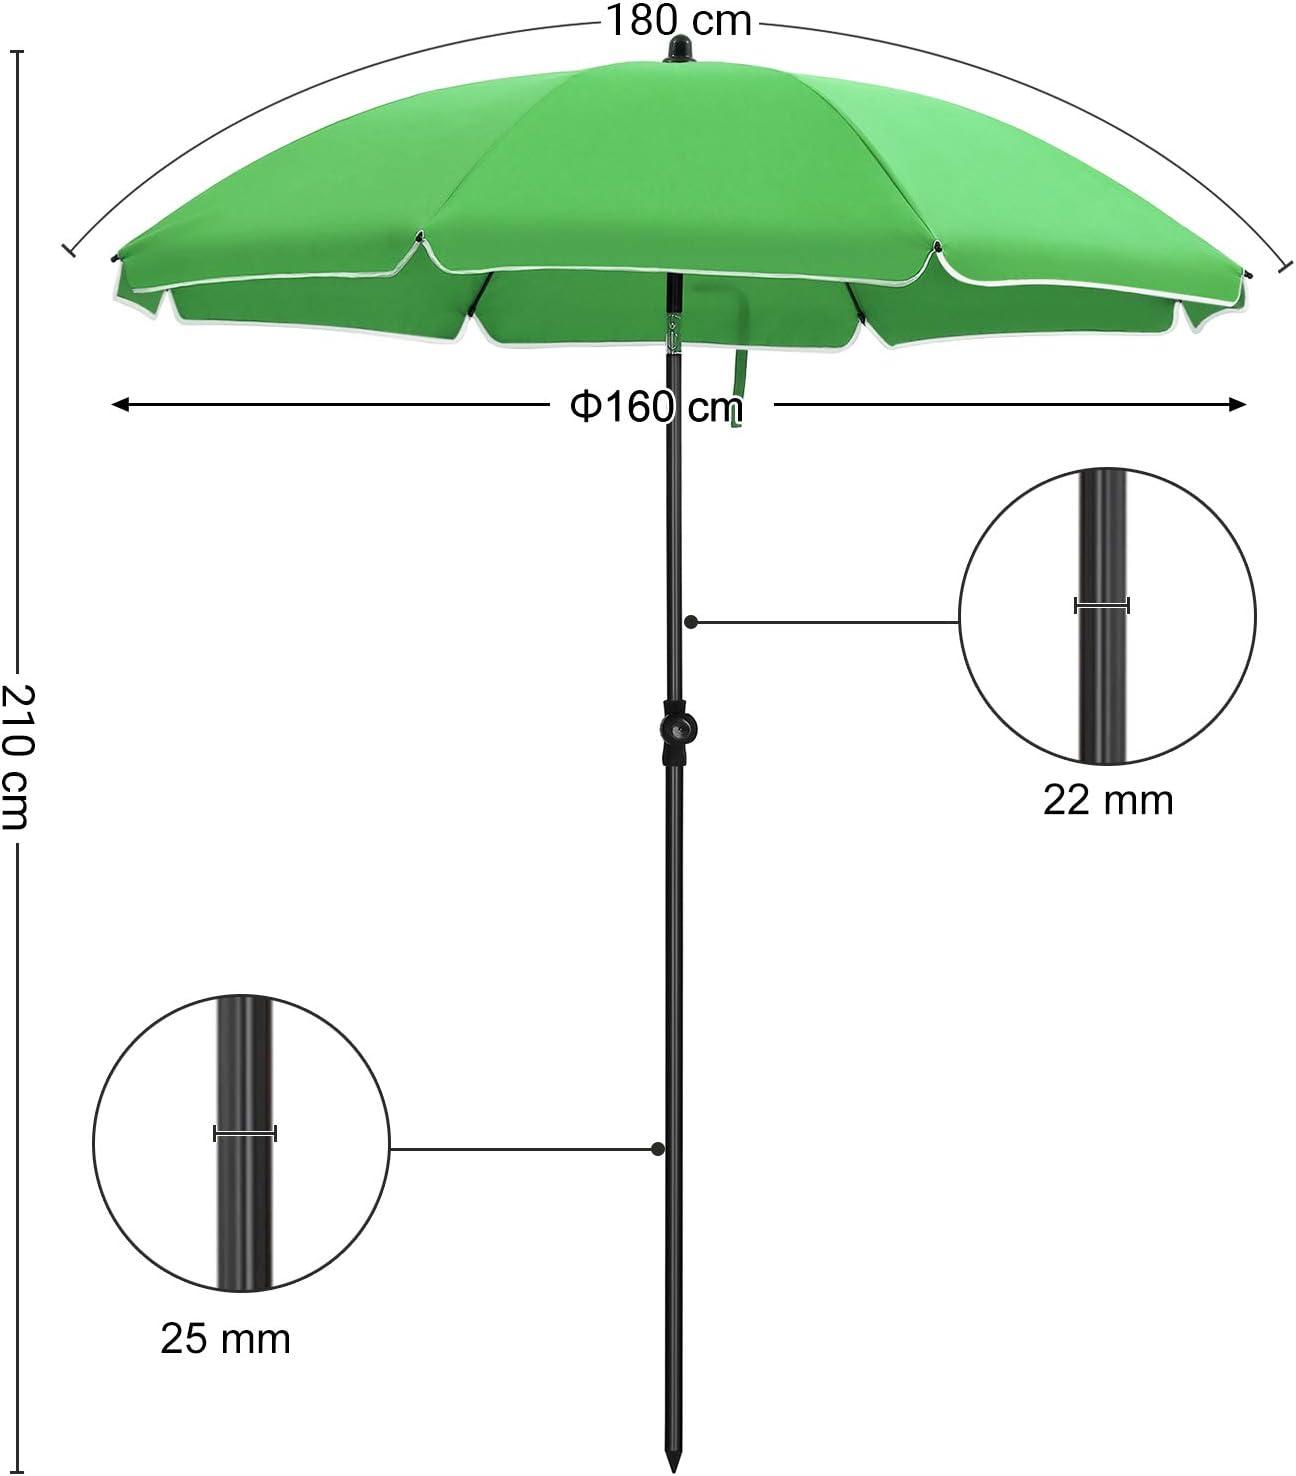 avec manivelle Protection salaire UPF50+ Ombrelle de terrasse diam/ètre 3 m Taupe GPU33BR Inclinaison r/églable sans Socle SONGMICS Parasol de Jardin avec Ampoules LED /à /énergie Solaire